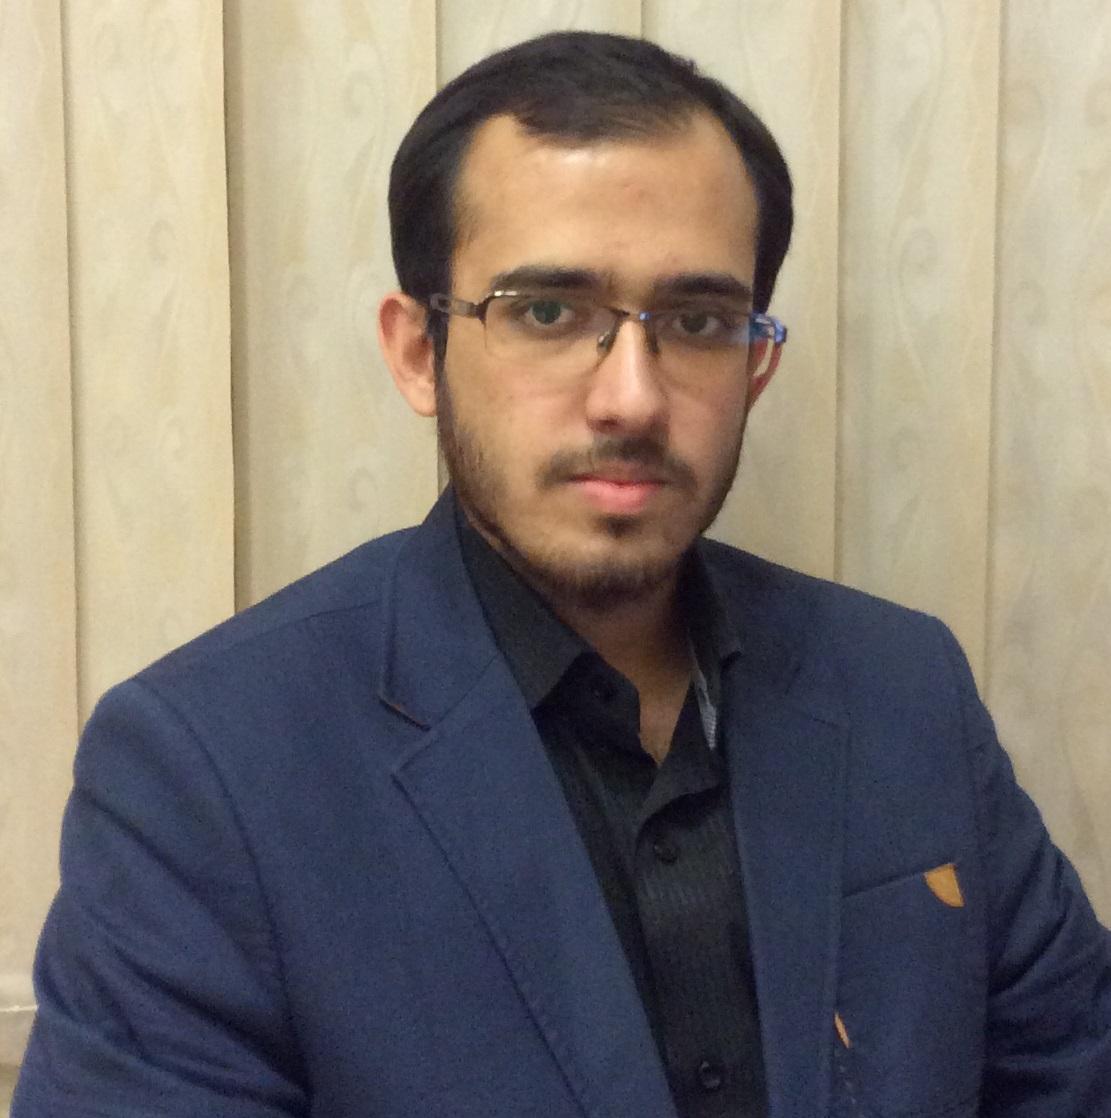 Amirhosein Hajihoseini